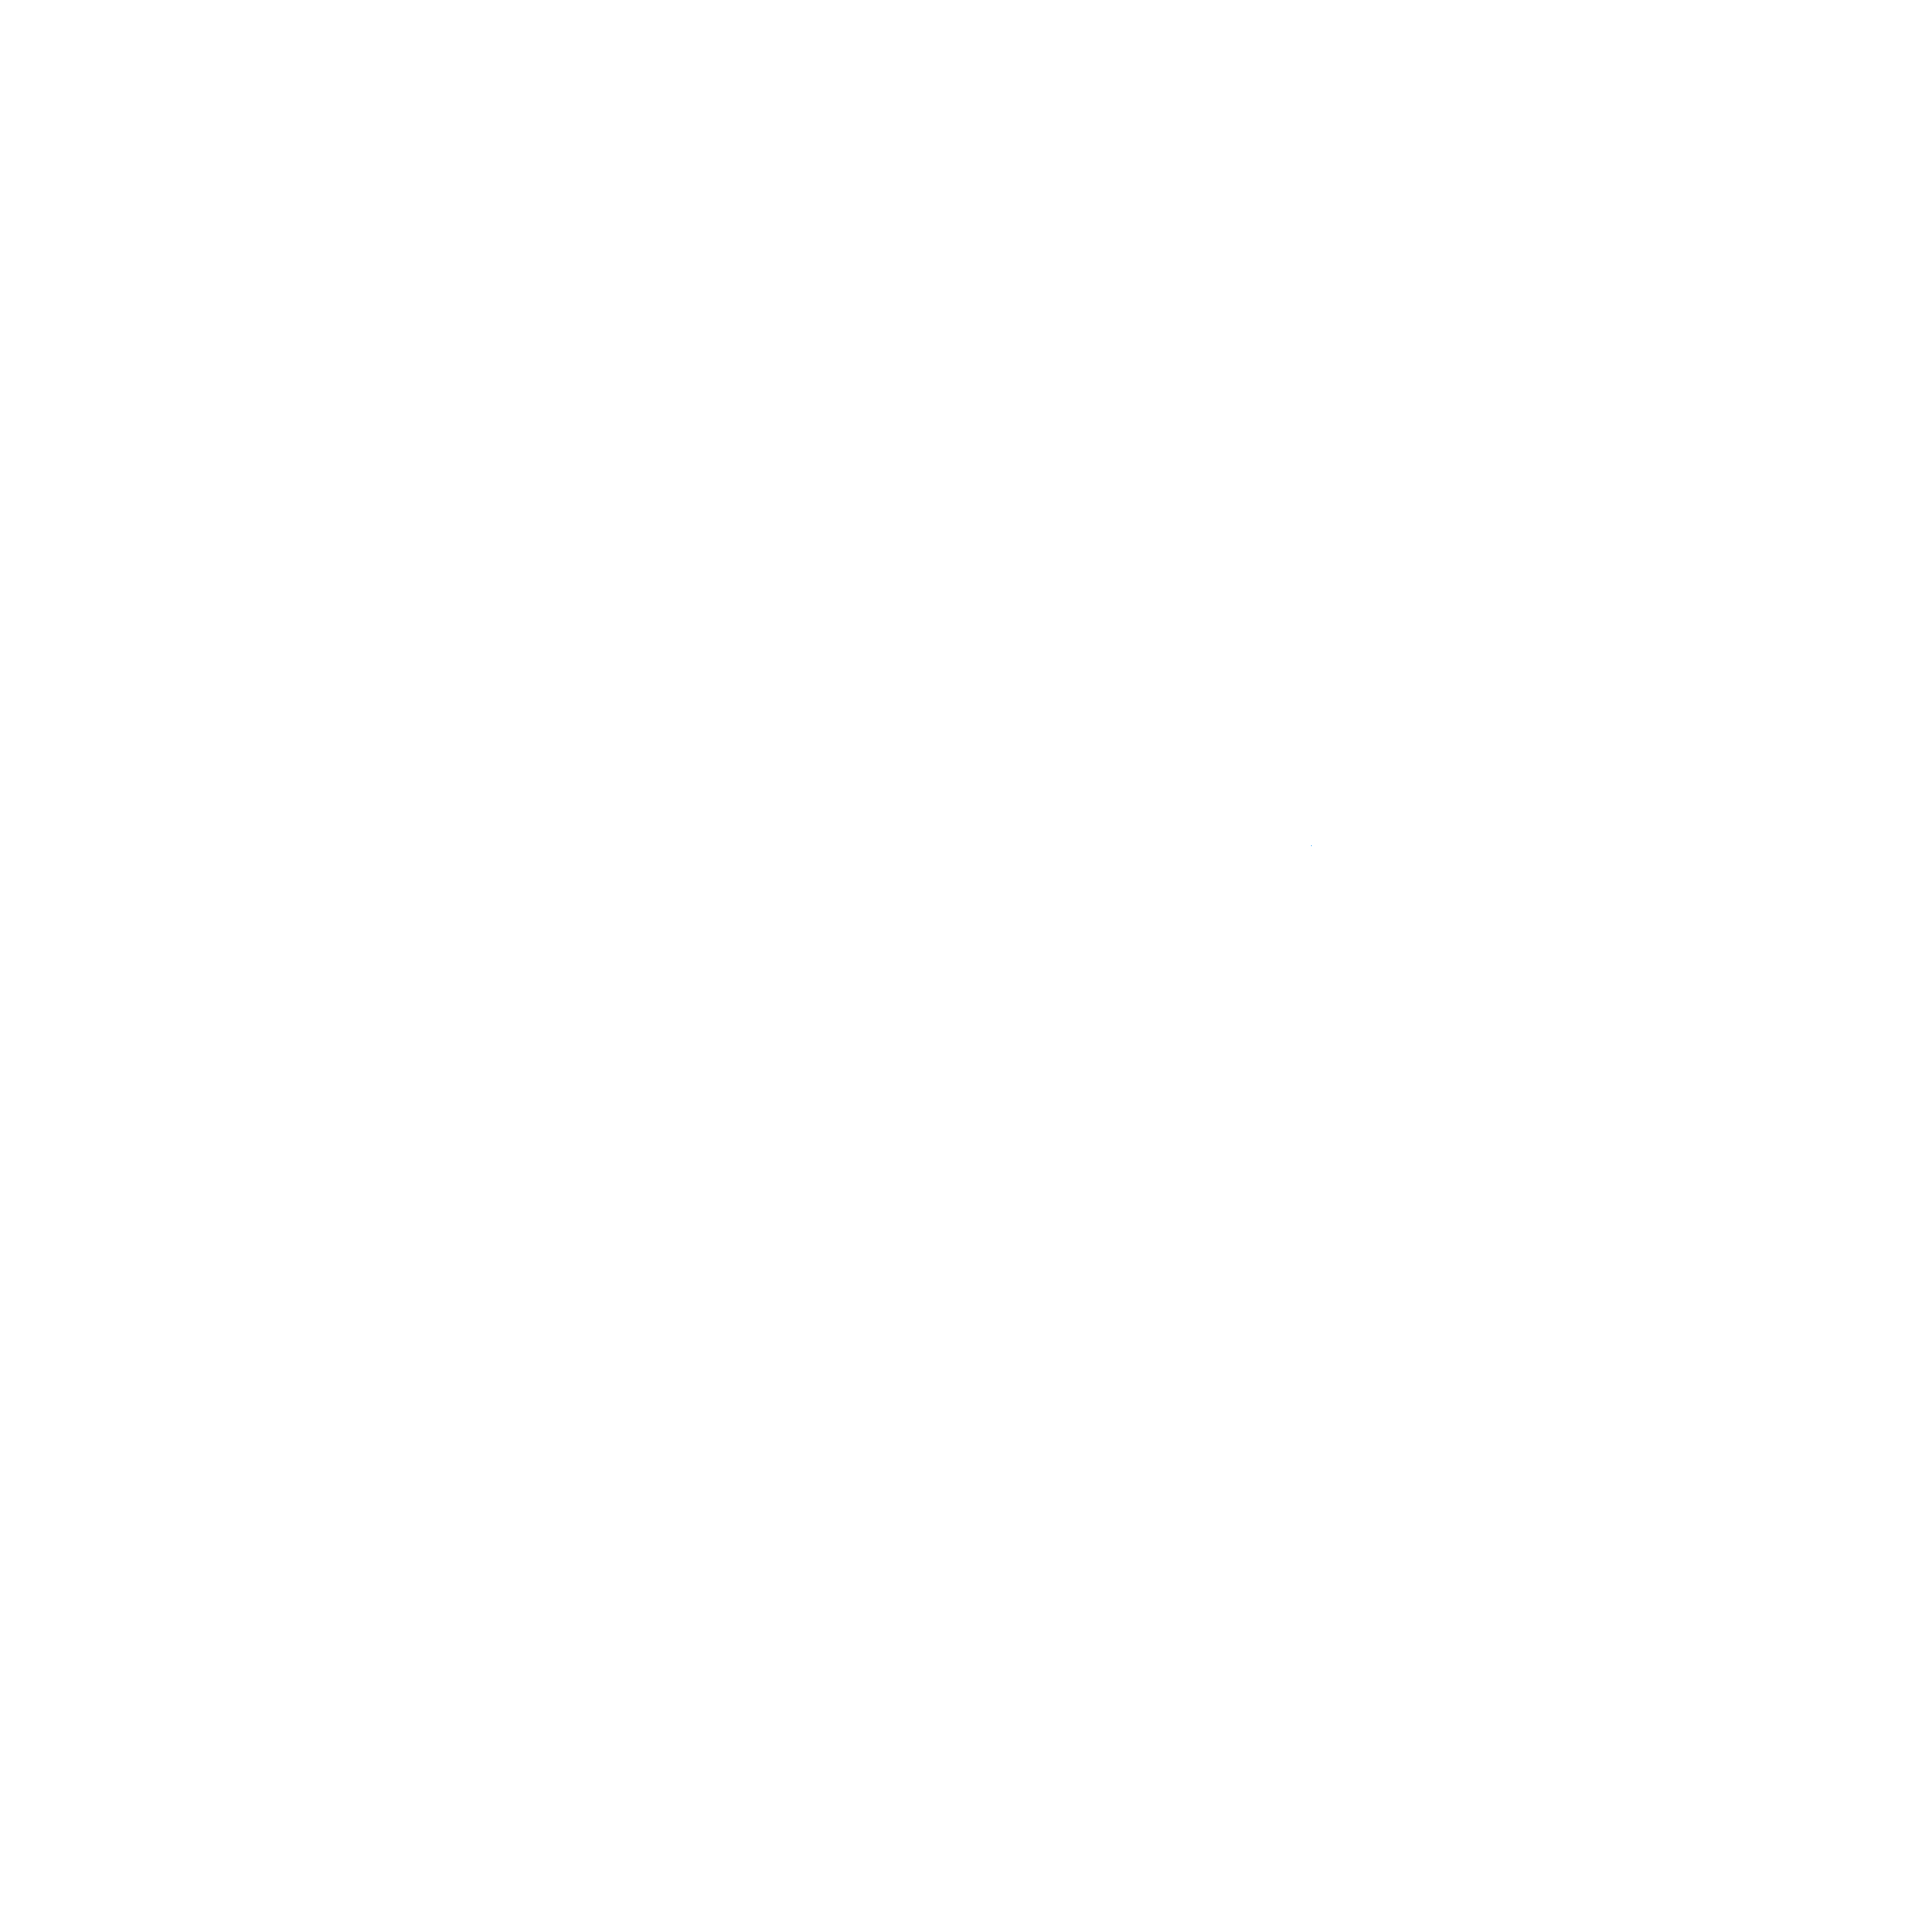 MB5 Films